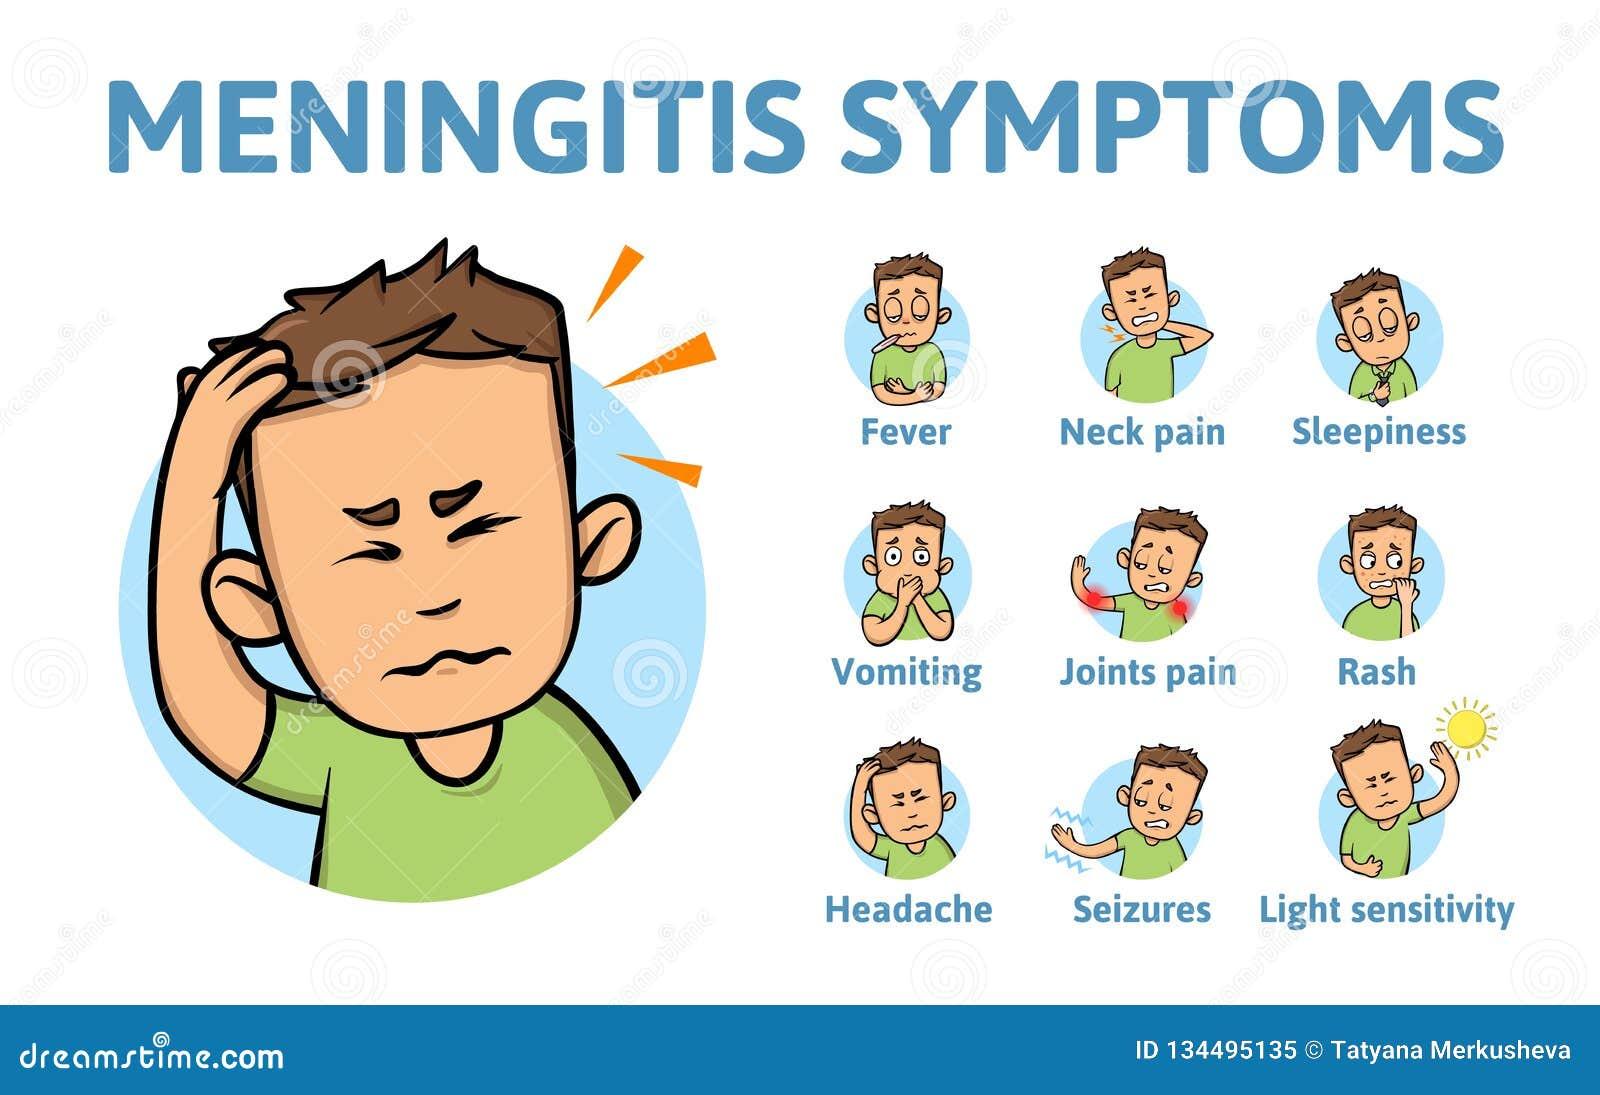 Meningitissymptome Informationsplakat mit Text und Zeichentrickfilm-Figur Flache Vektorillustration Lokalisiert auf Weiß